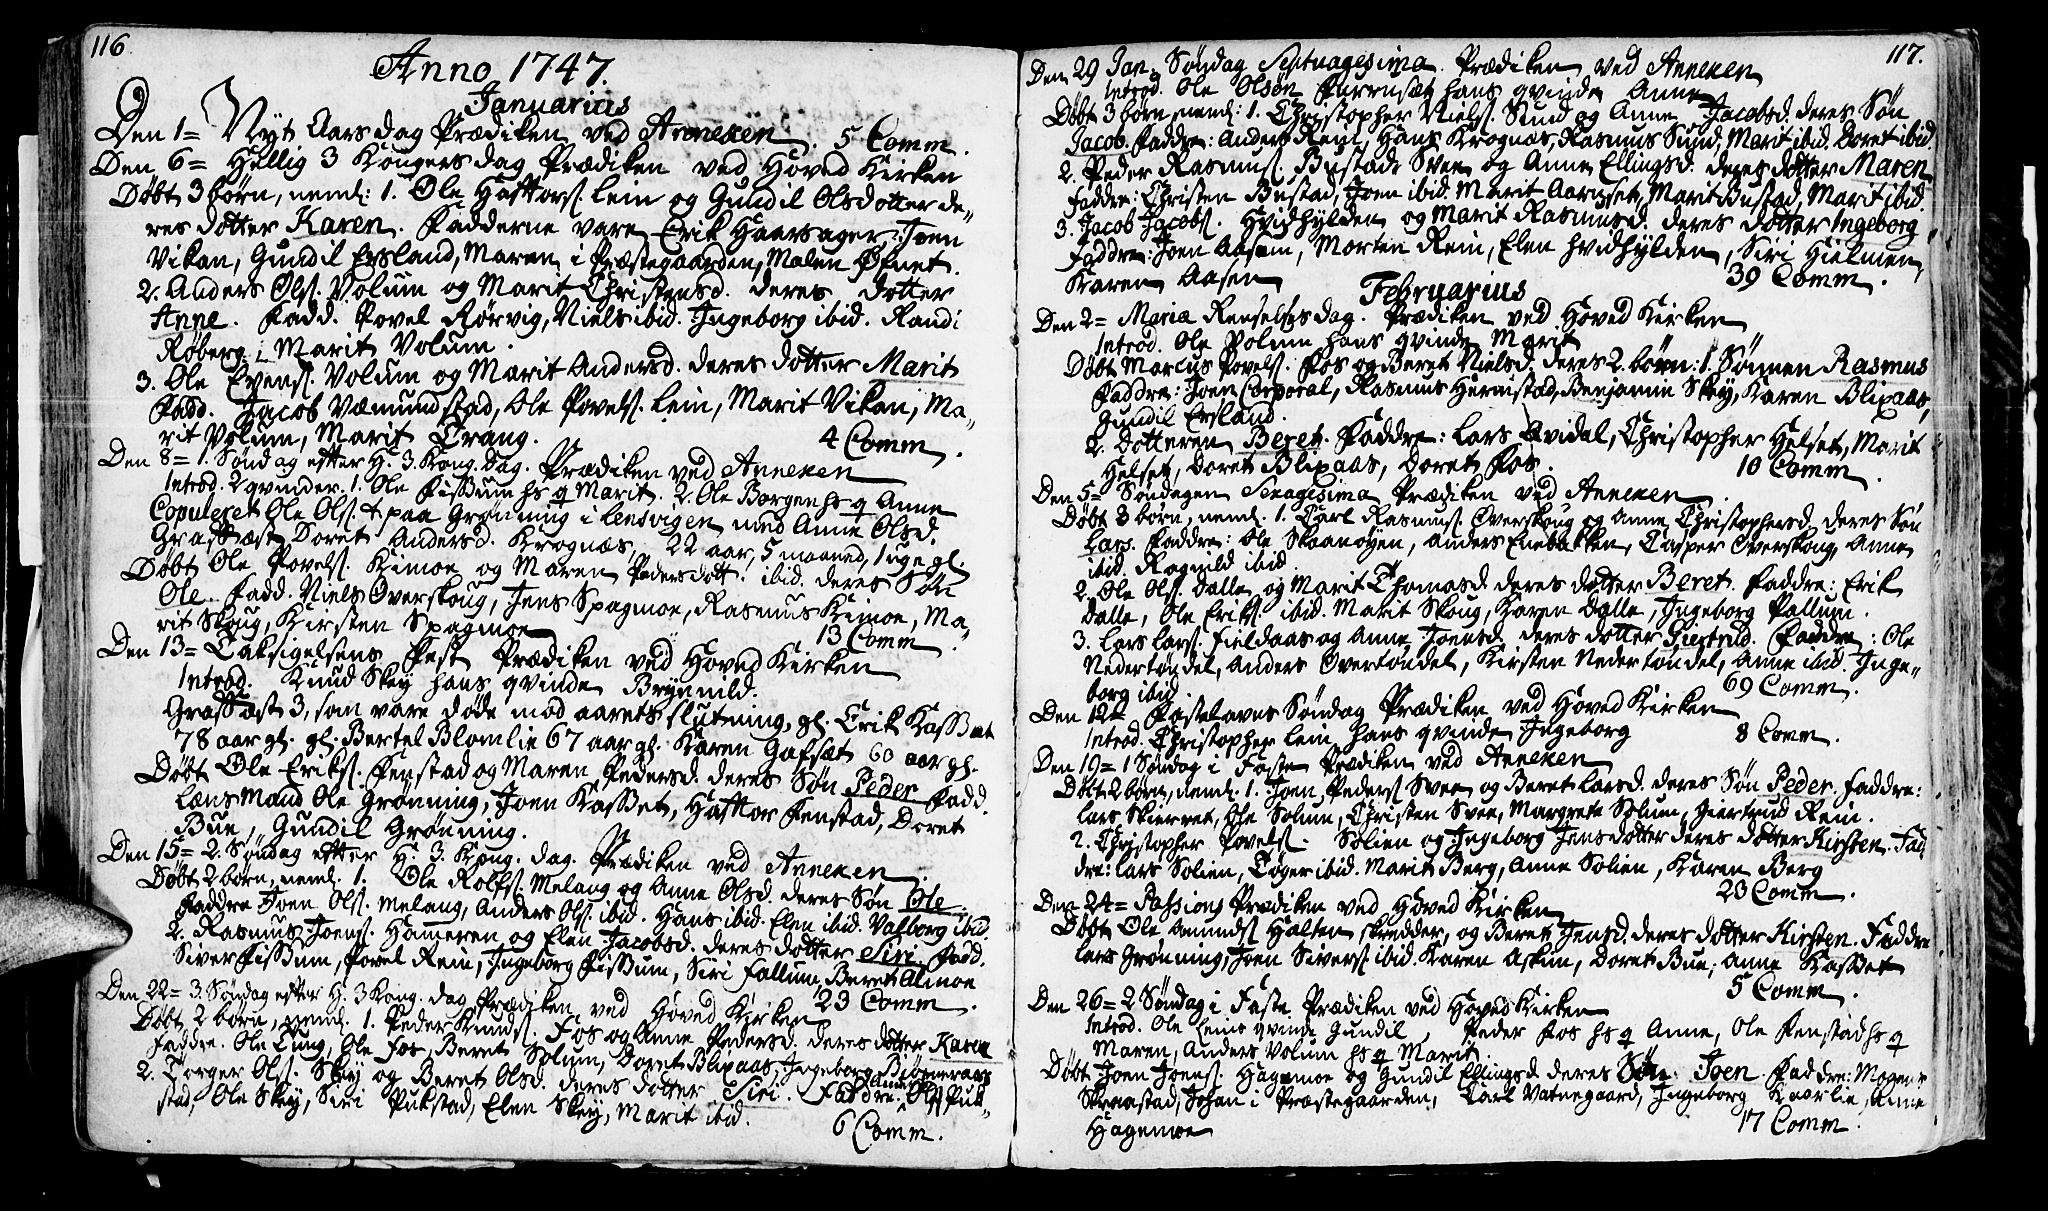 SAT, Ministerialprotokoller, klokkerbøker og fødselsregistre - Sør-Trøndelag, 646/L0604: Ministerialbok nr. 646A02, 1735-1750, s. 116-117